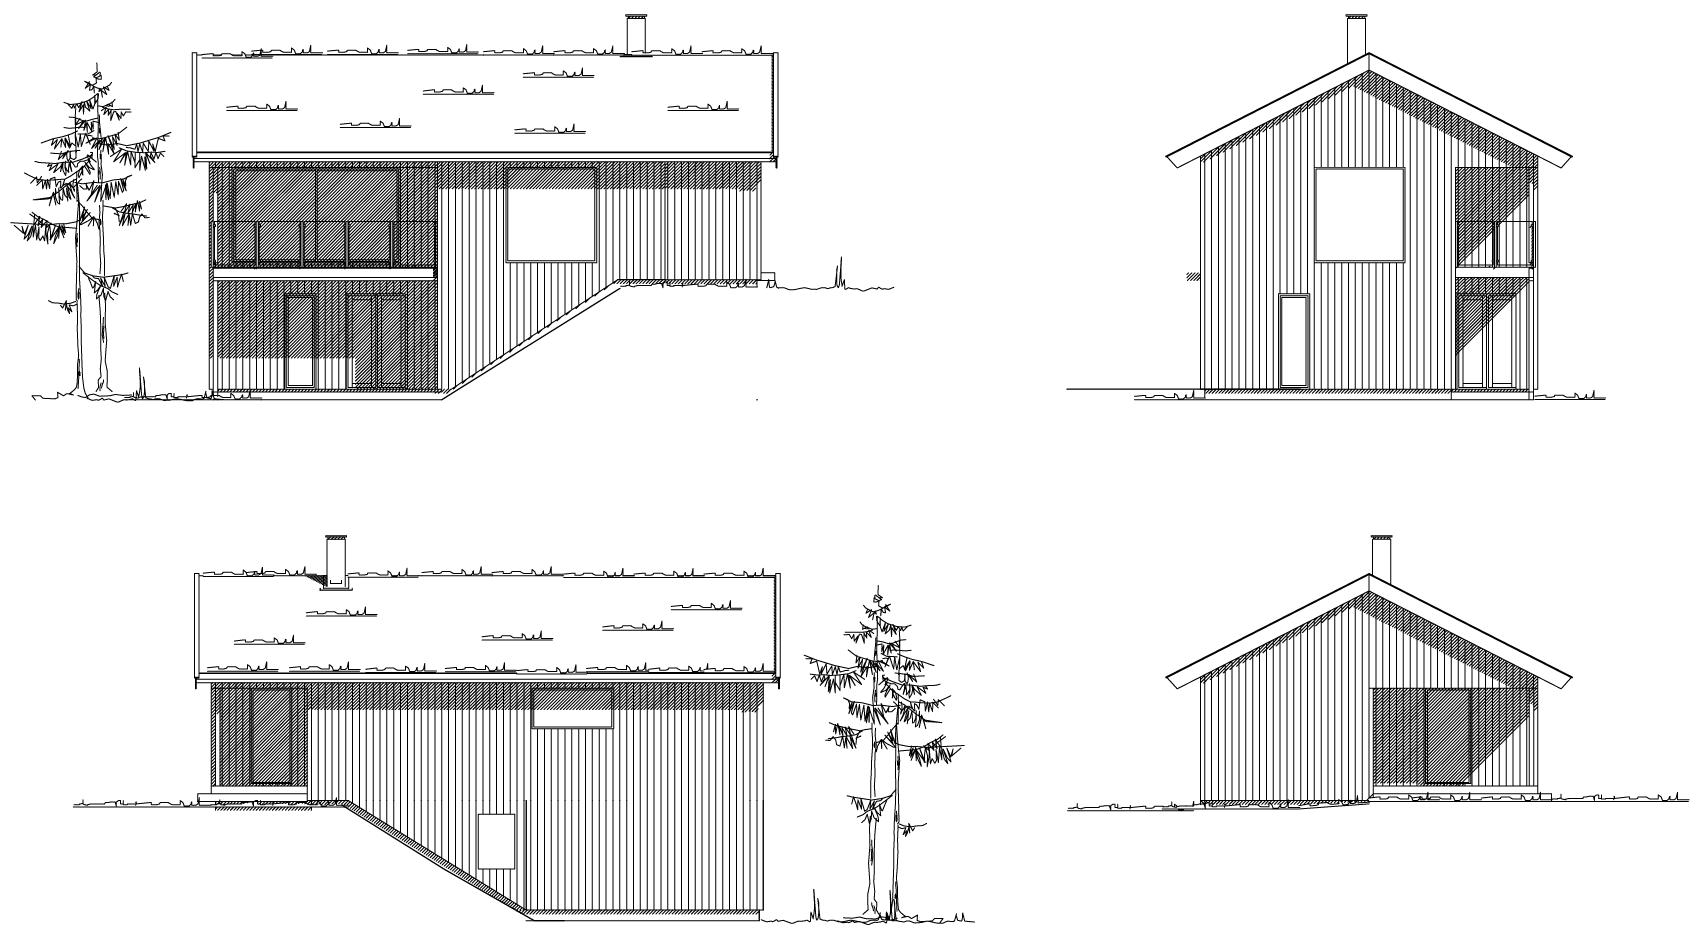 hytte b fasadetegninger